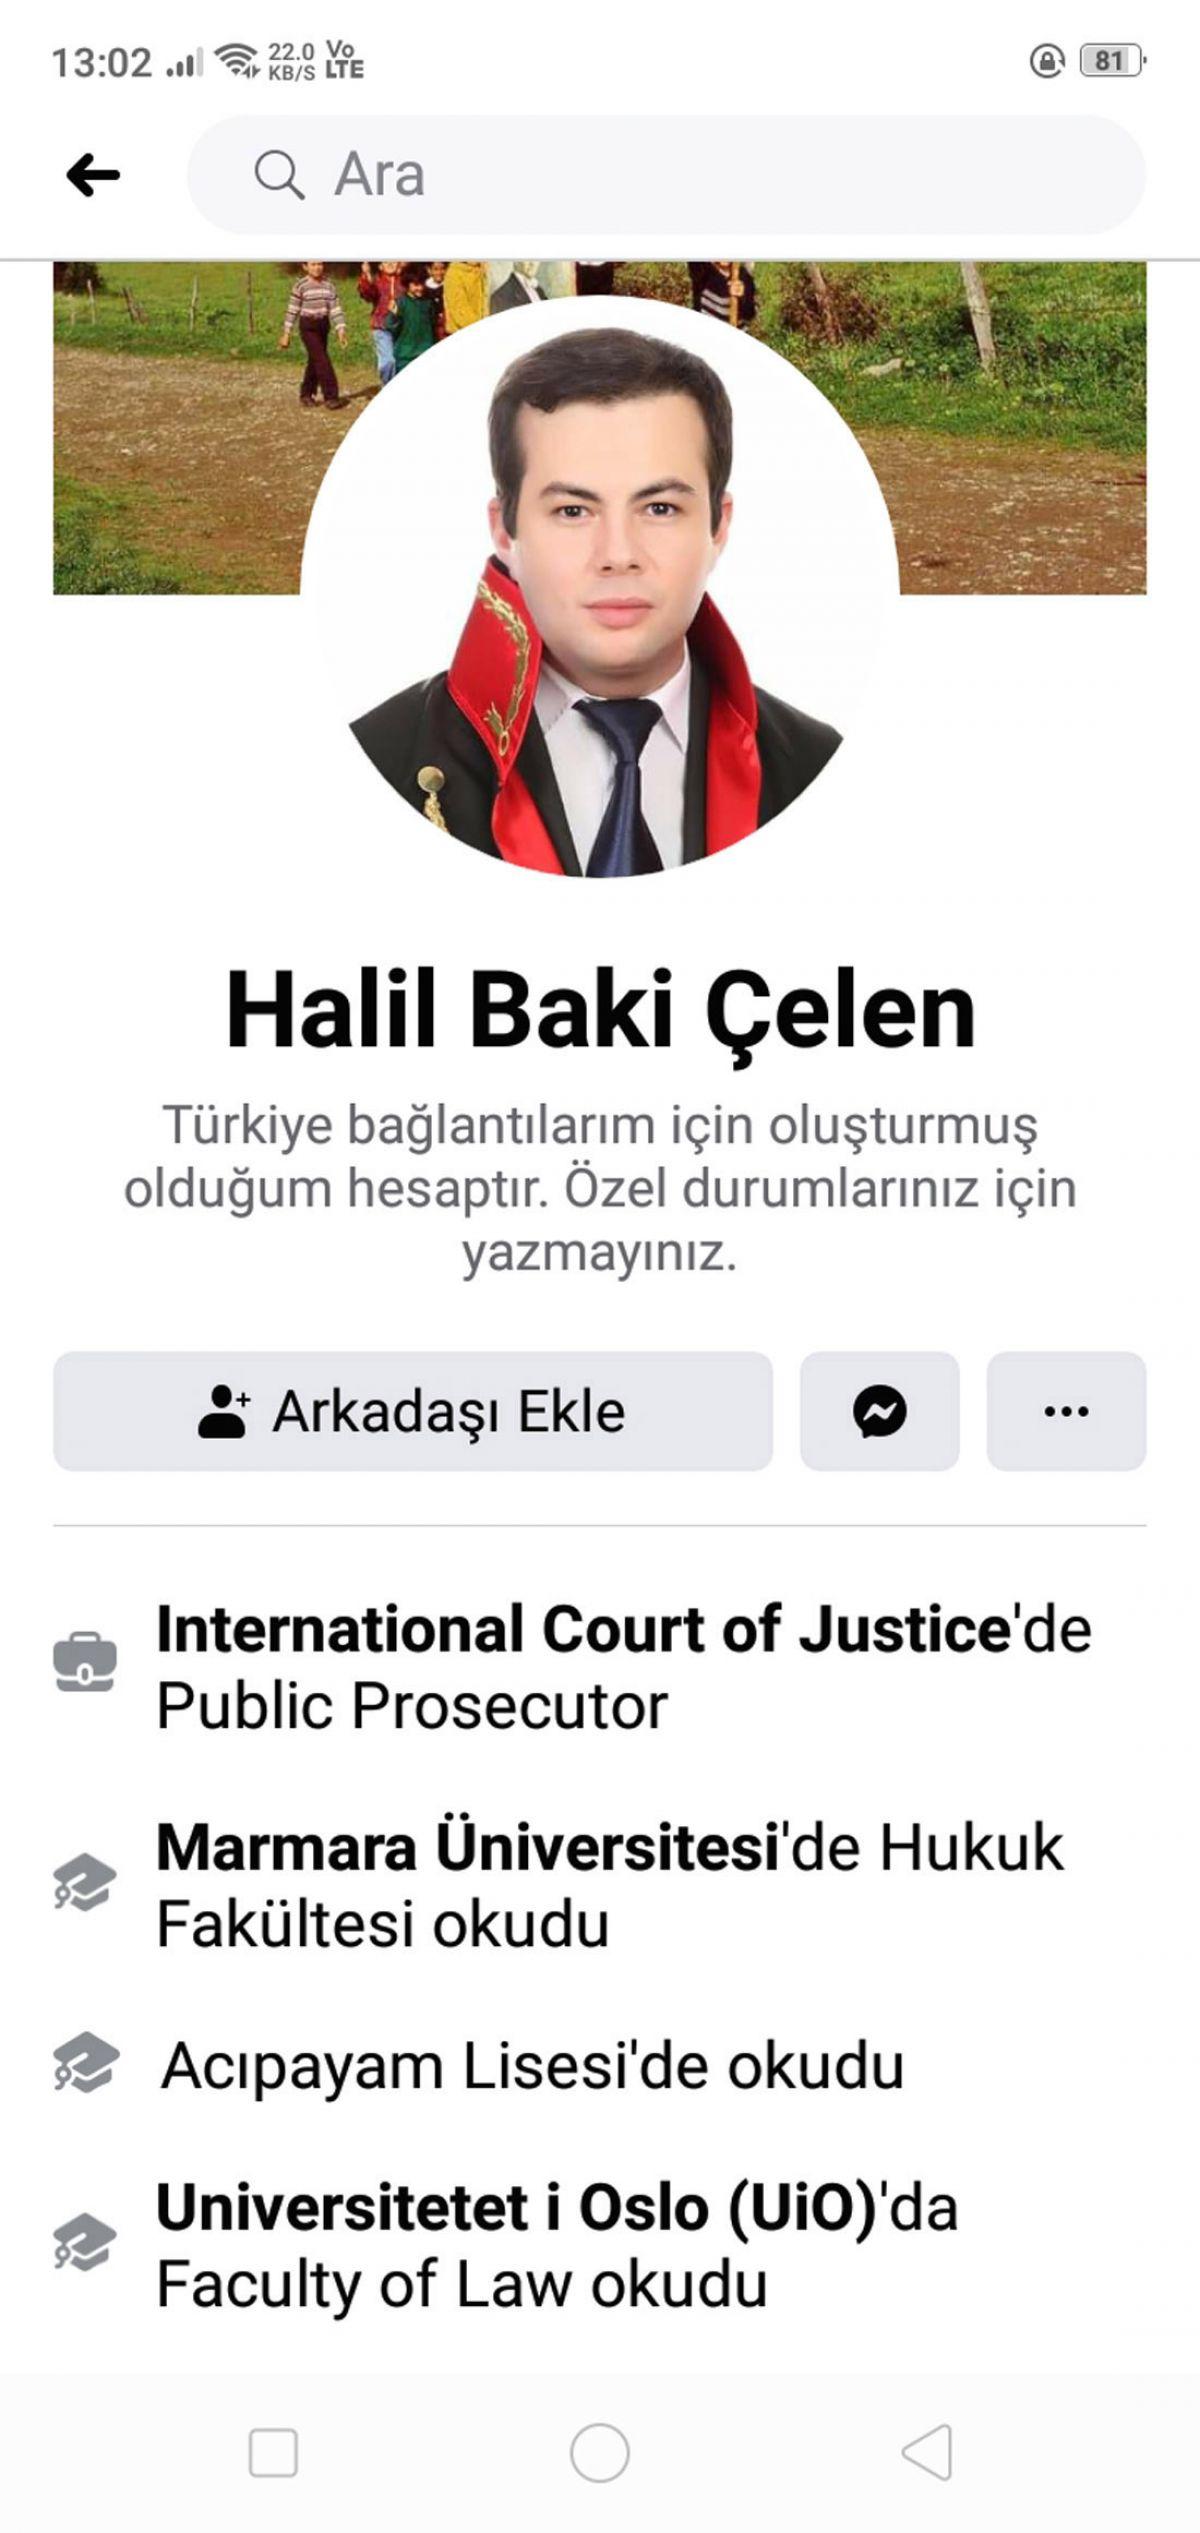 Denizli de kendini  BM savcısı  olarak tanıttı, tutuklandı #4